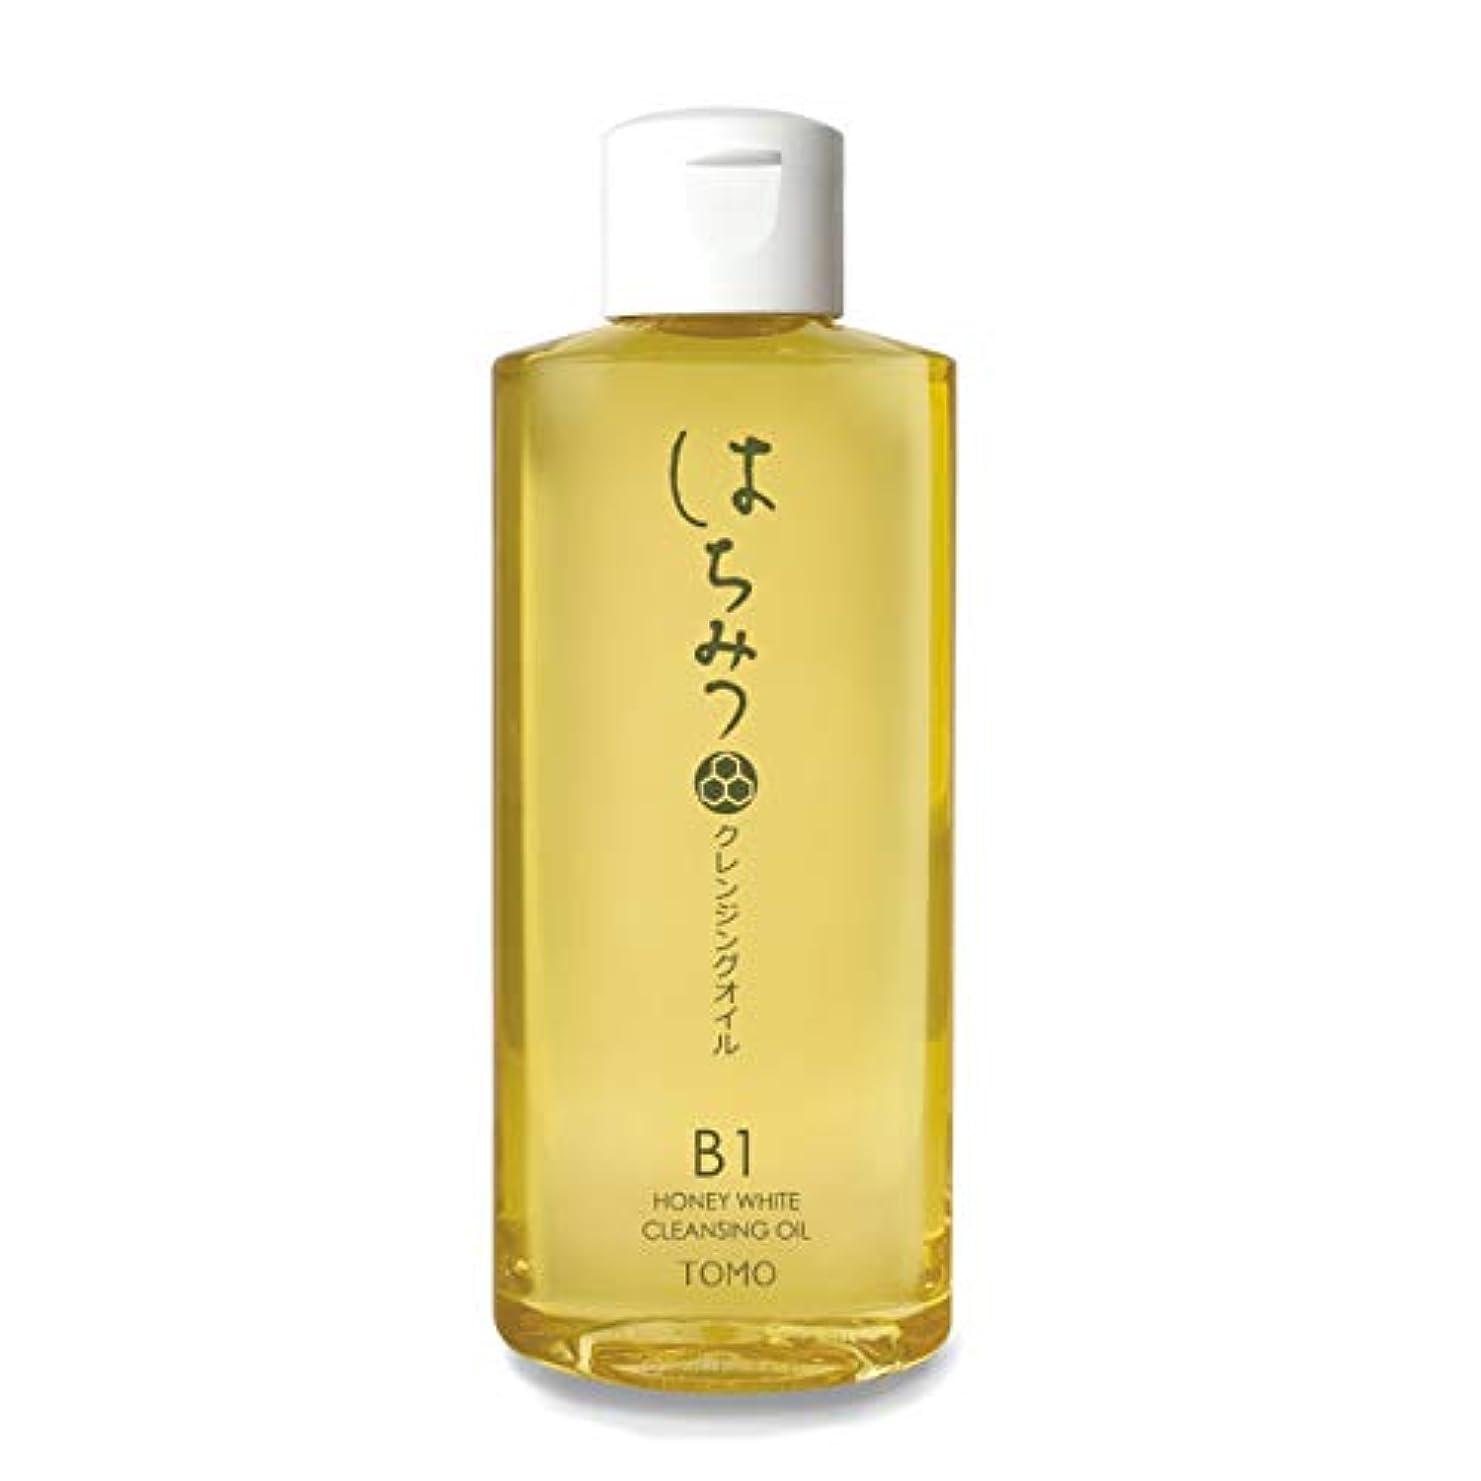 かもしれないパフサイドボード低刺激 ロイヤルゼリーエキス配合 50%以上がオリーブオイル 洗い流すタイプのクレンジング クレンジングオイルB1 150ml